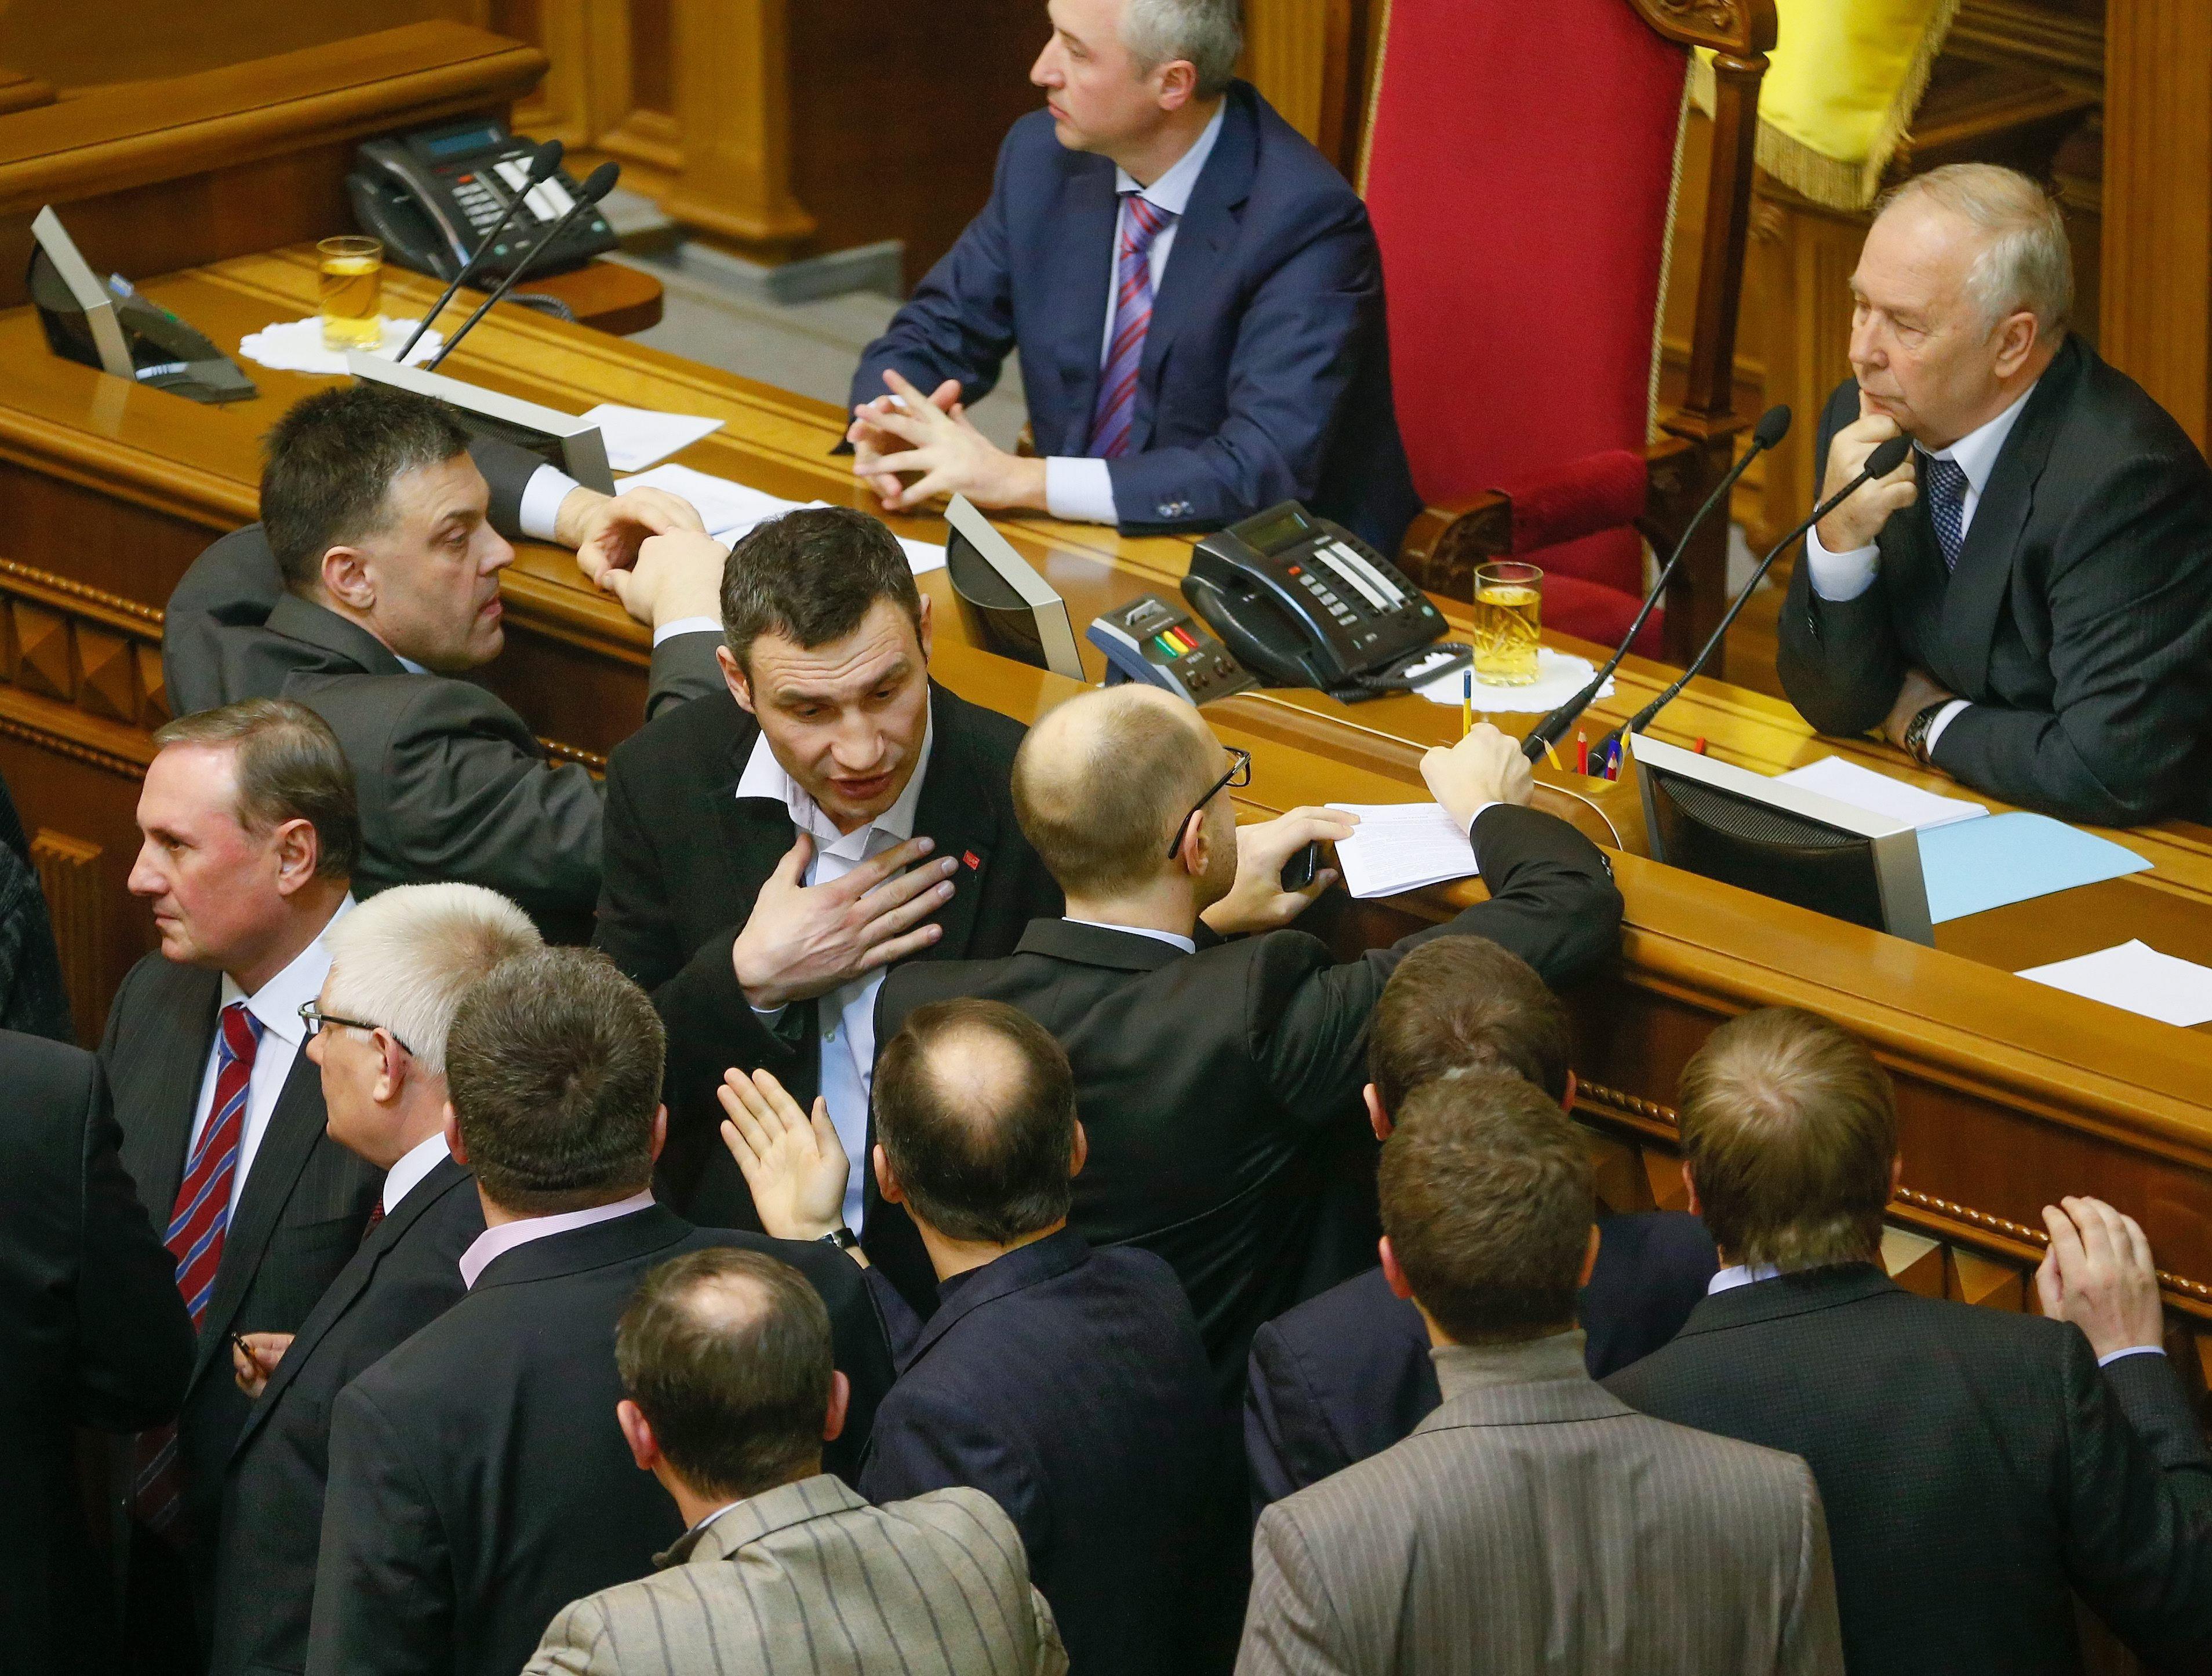 El líder opositor ucraniano dice que los edificios administrativos seguirán ocupados